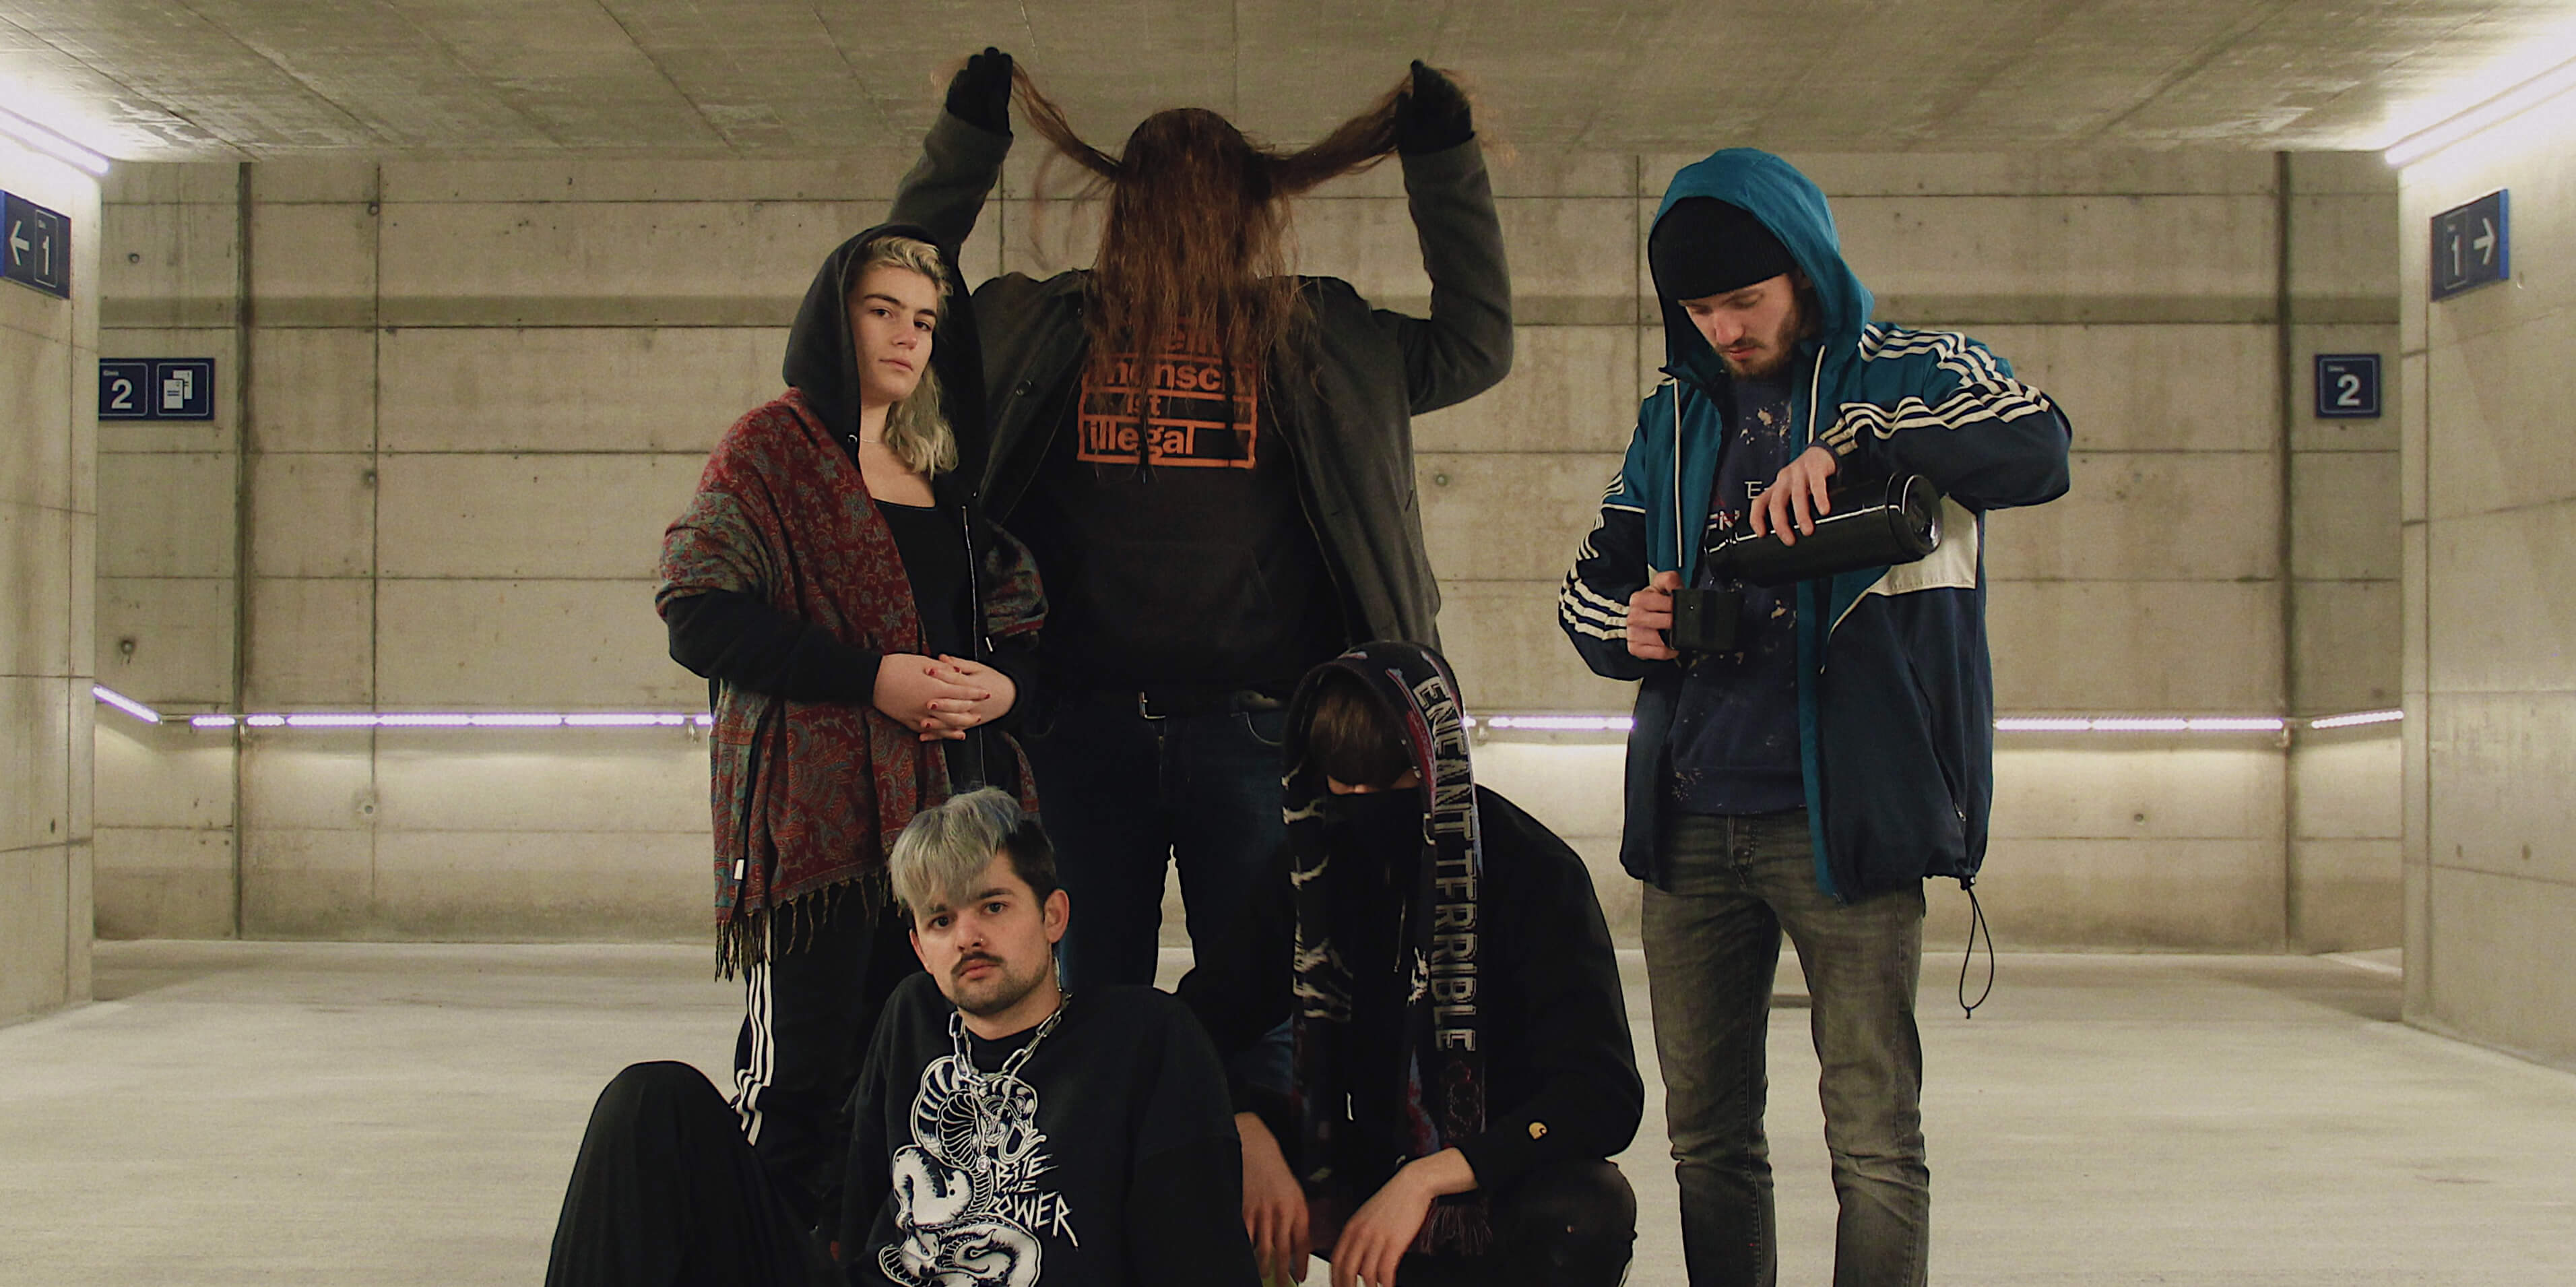 Kaputte Musik für kaputte Menschen: erstes Release von Hatepop-Kollektiv